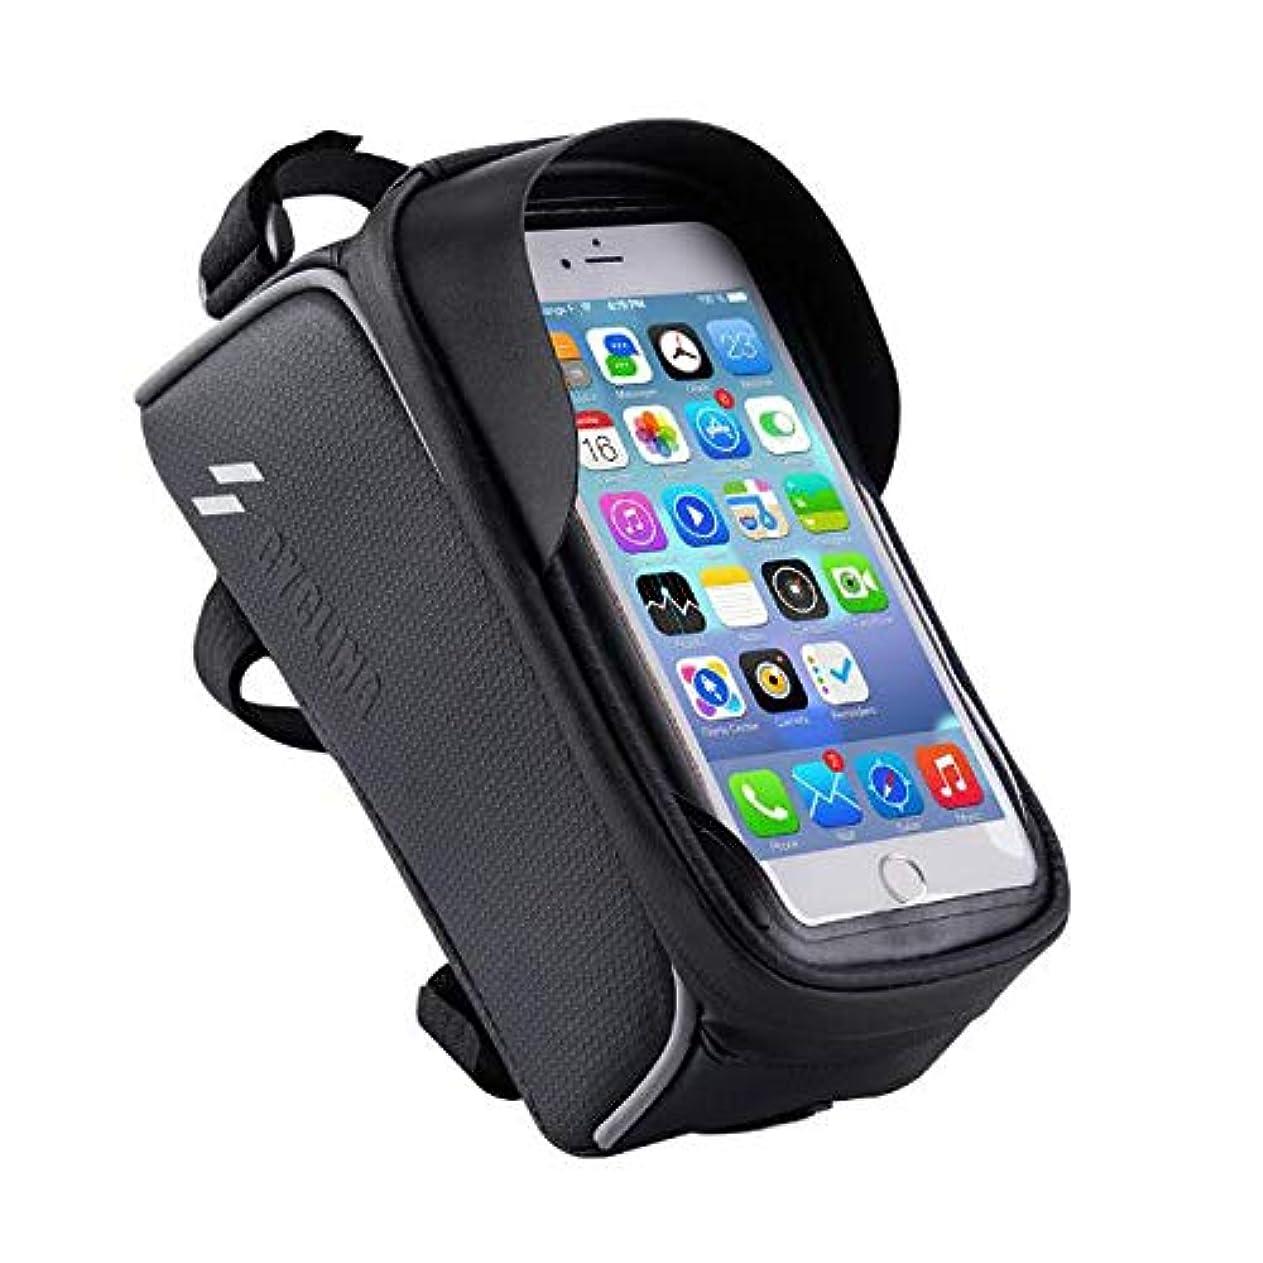 ローズ負荷スペード6.0インチまでの携帯電話のための自転車袋の上部の管のビームパッケージのしぶき防止のタッチ画面の大容量, Black